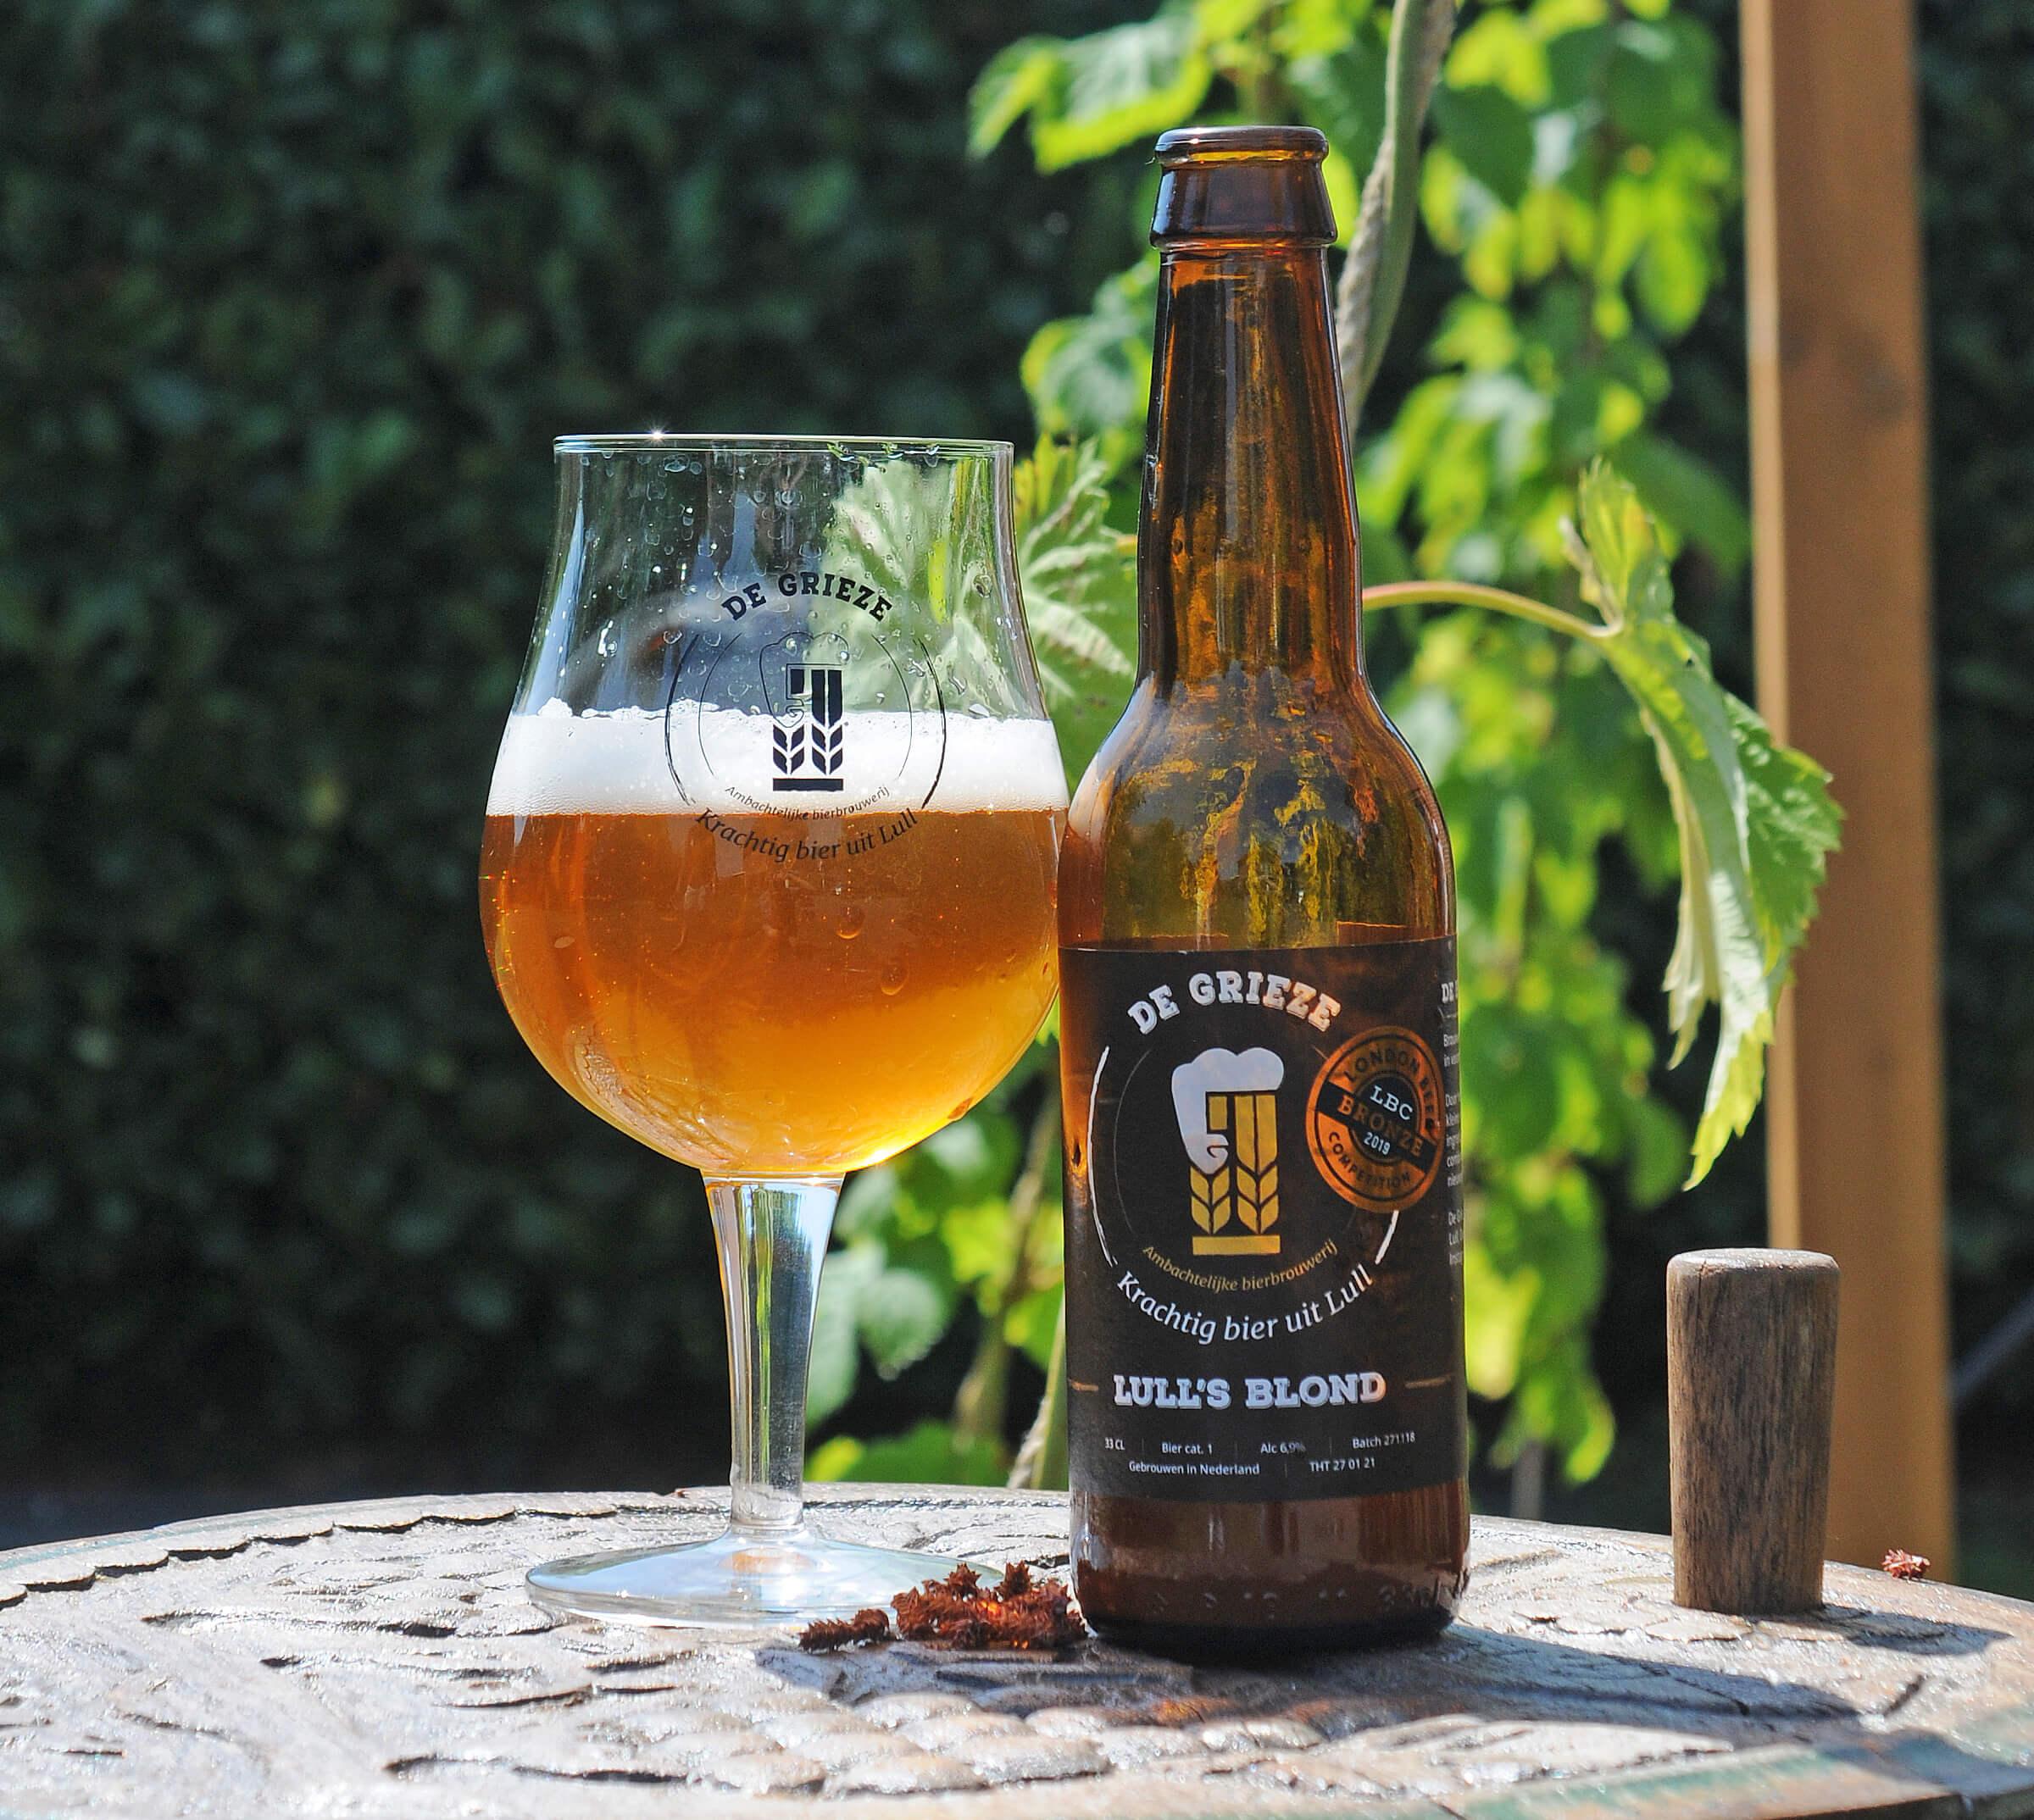 Brouwerij De Grieze Lulls Blond